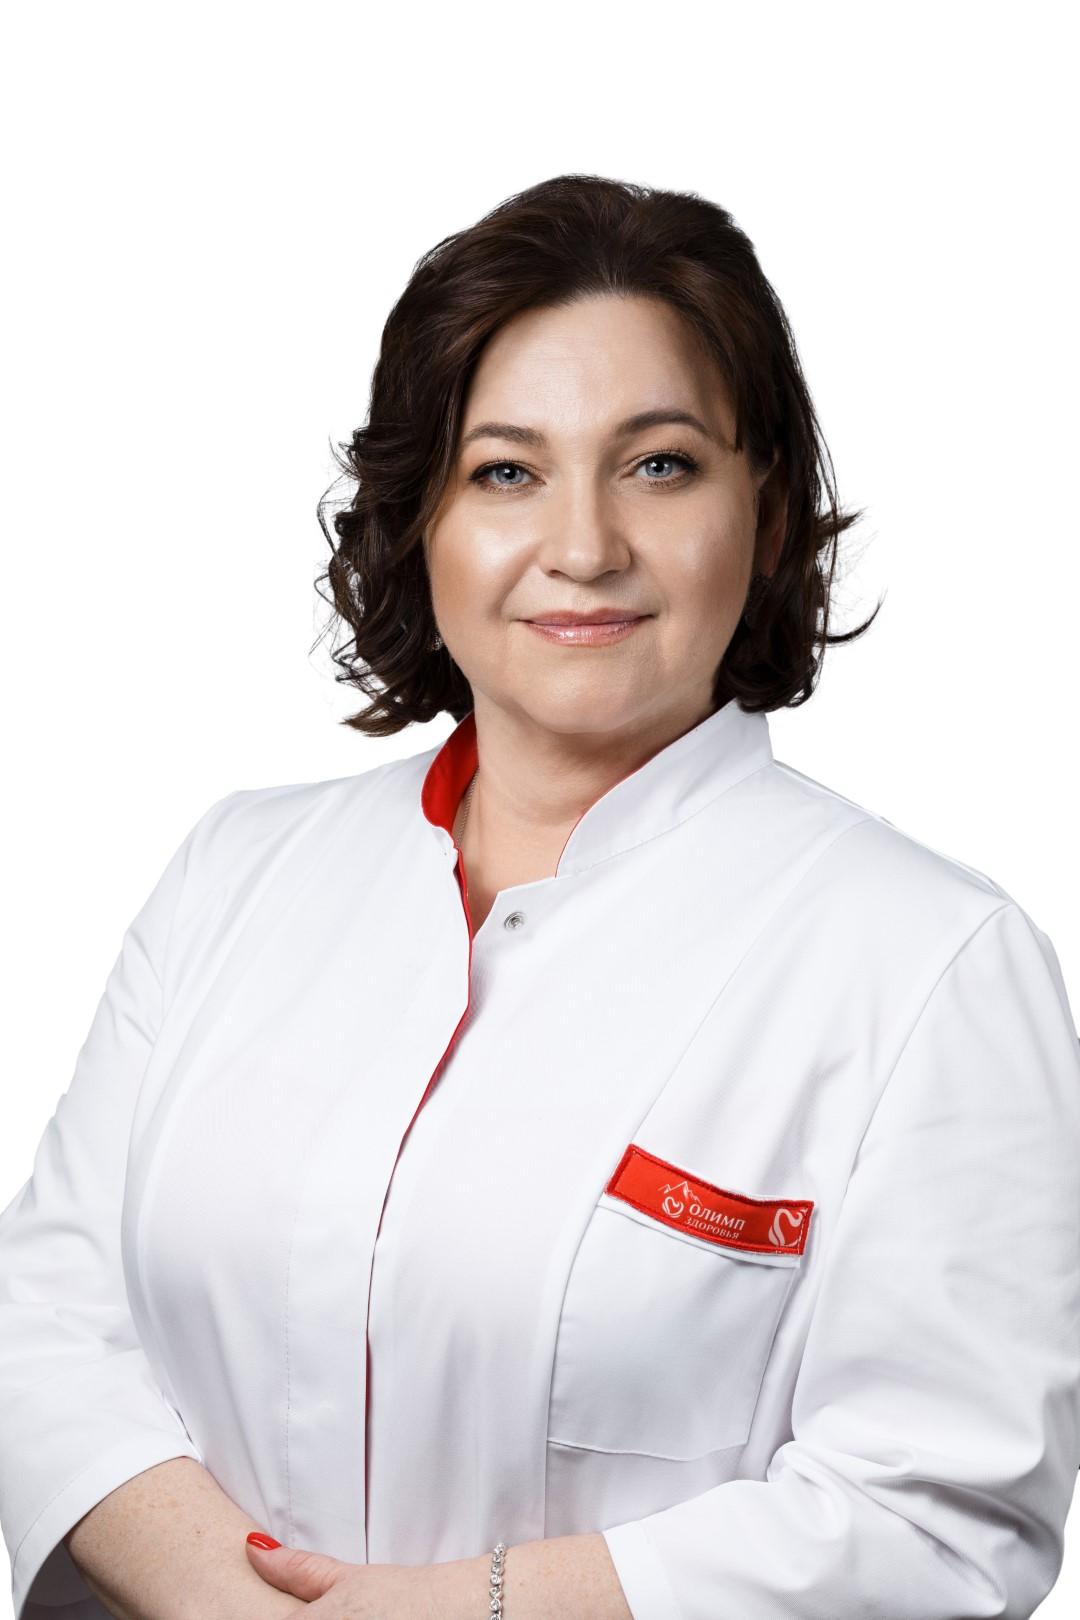 Борзых Евгения Владимировна